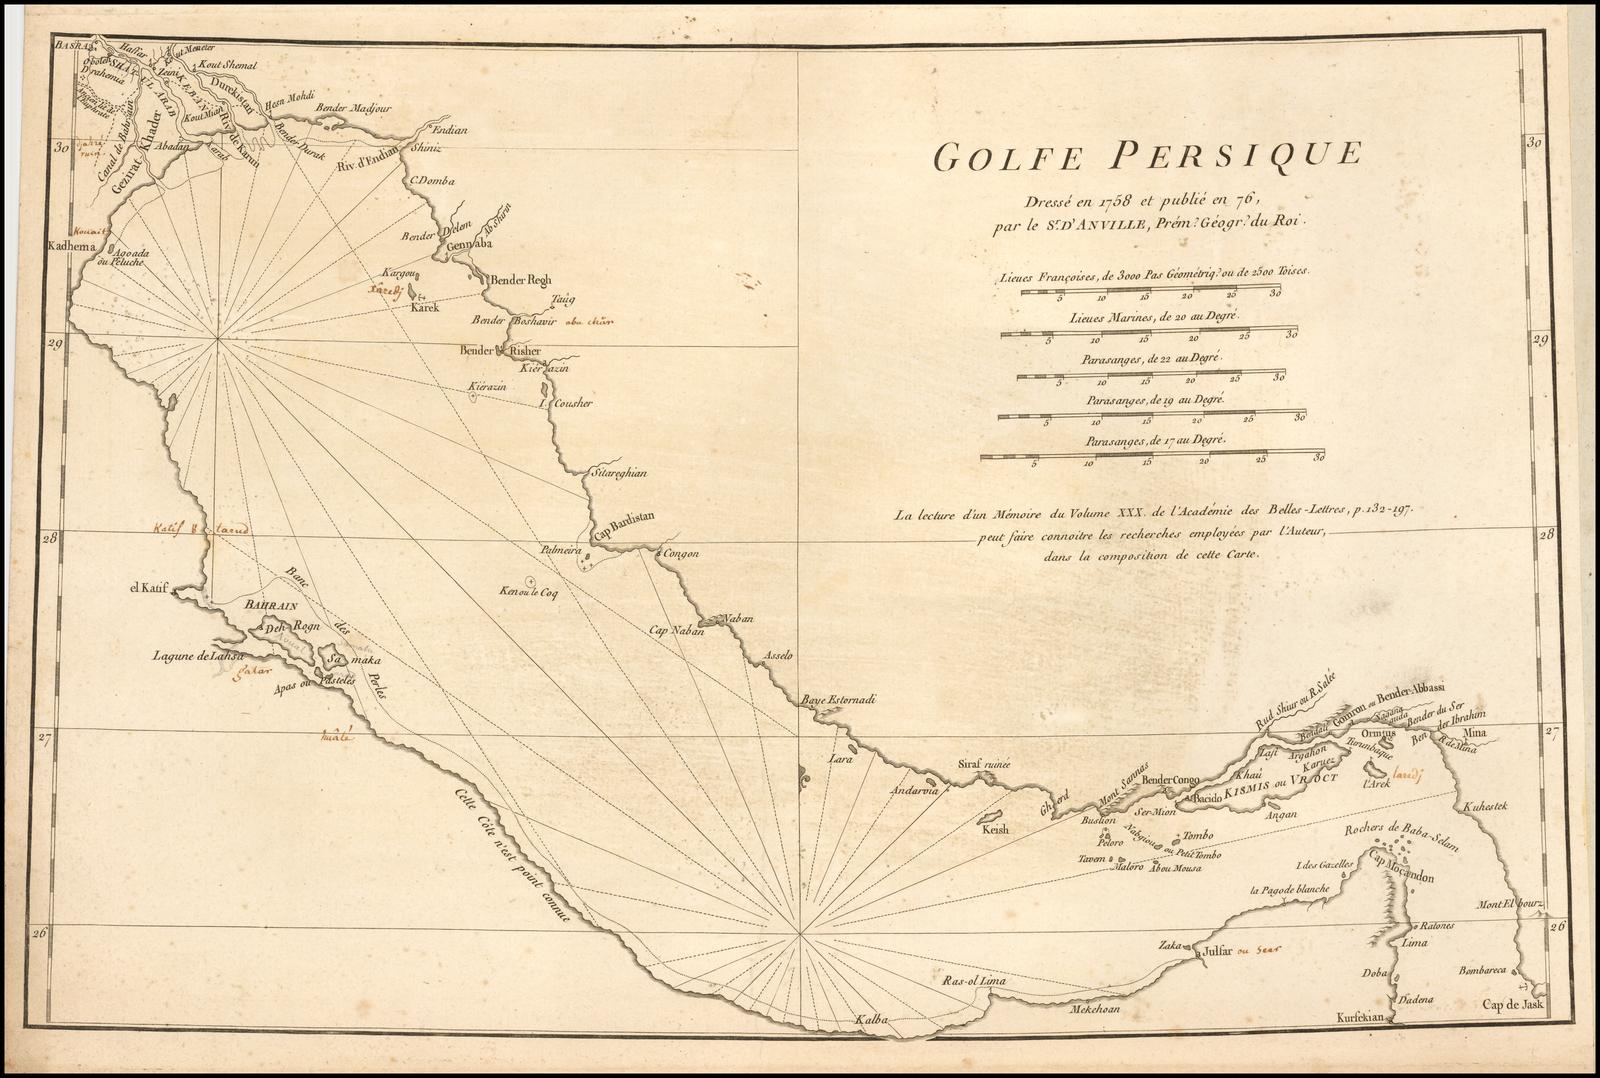 1776 - D'Anville